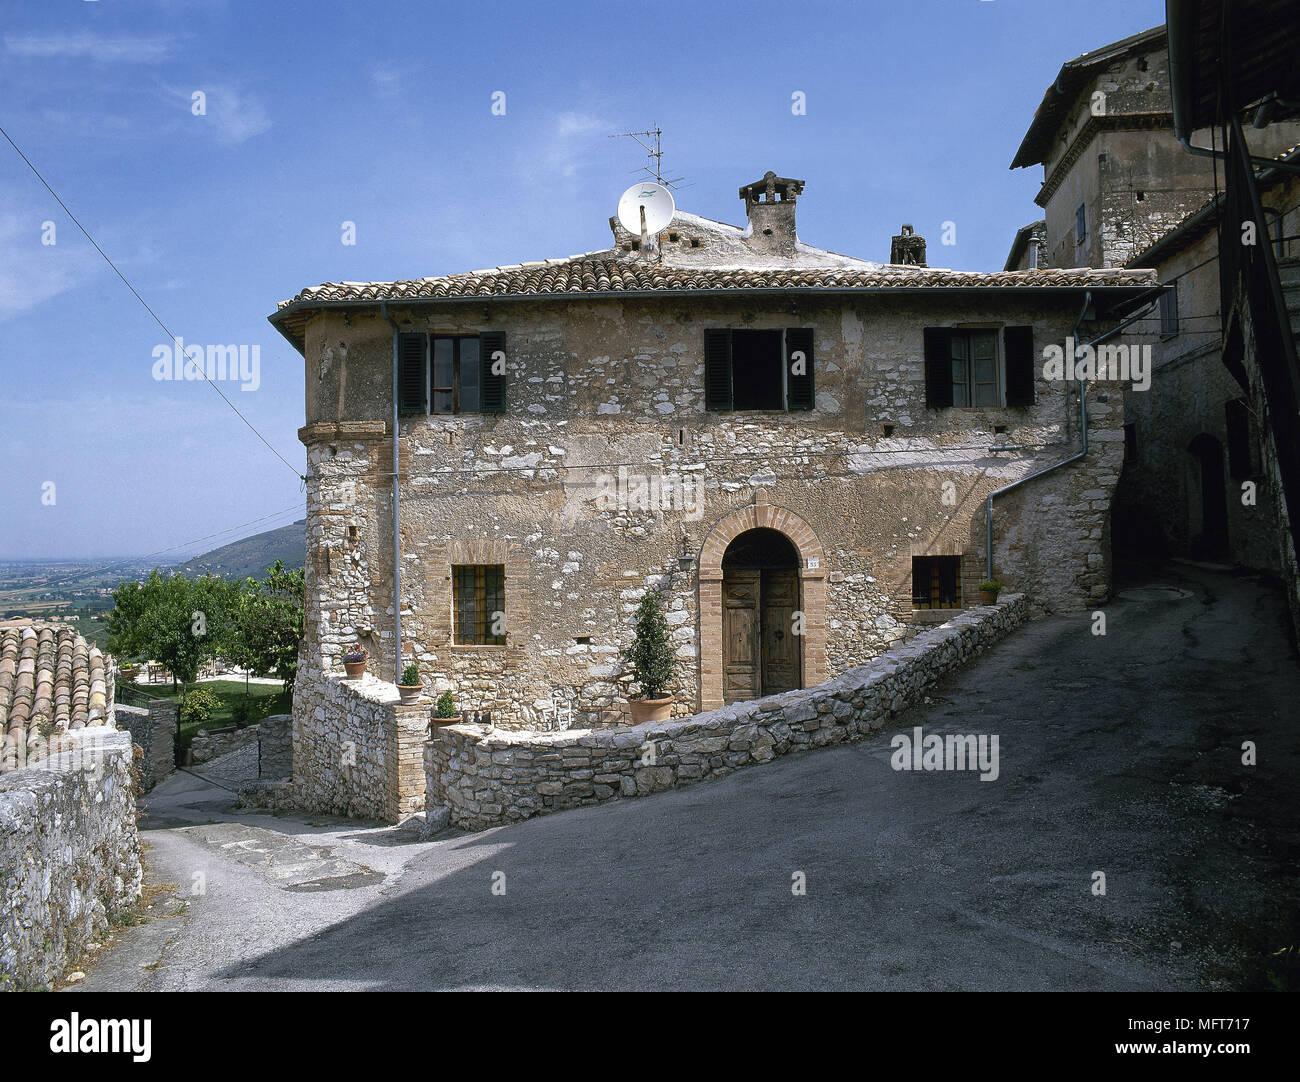 Außen rustikale Villa aus Stein schmerzten Tür Fensterläden außen ...